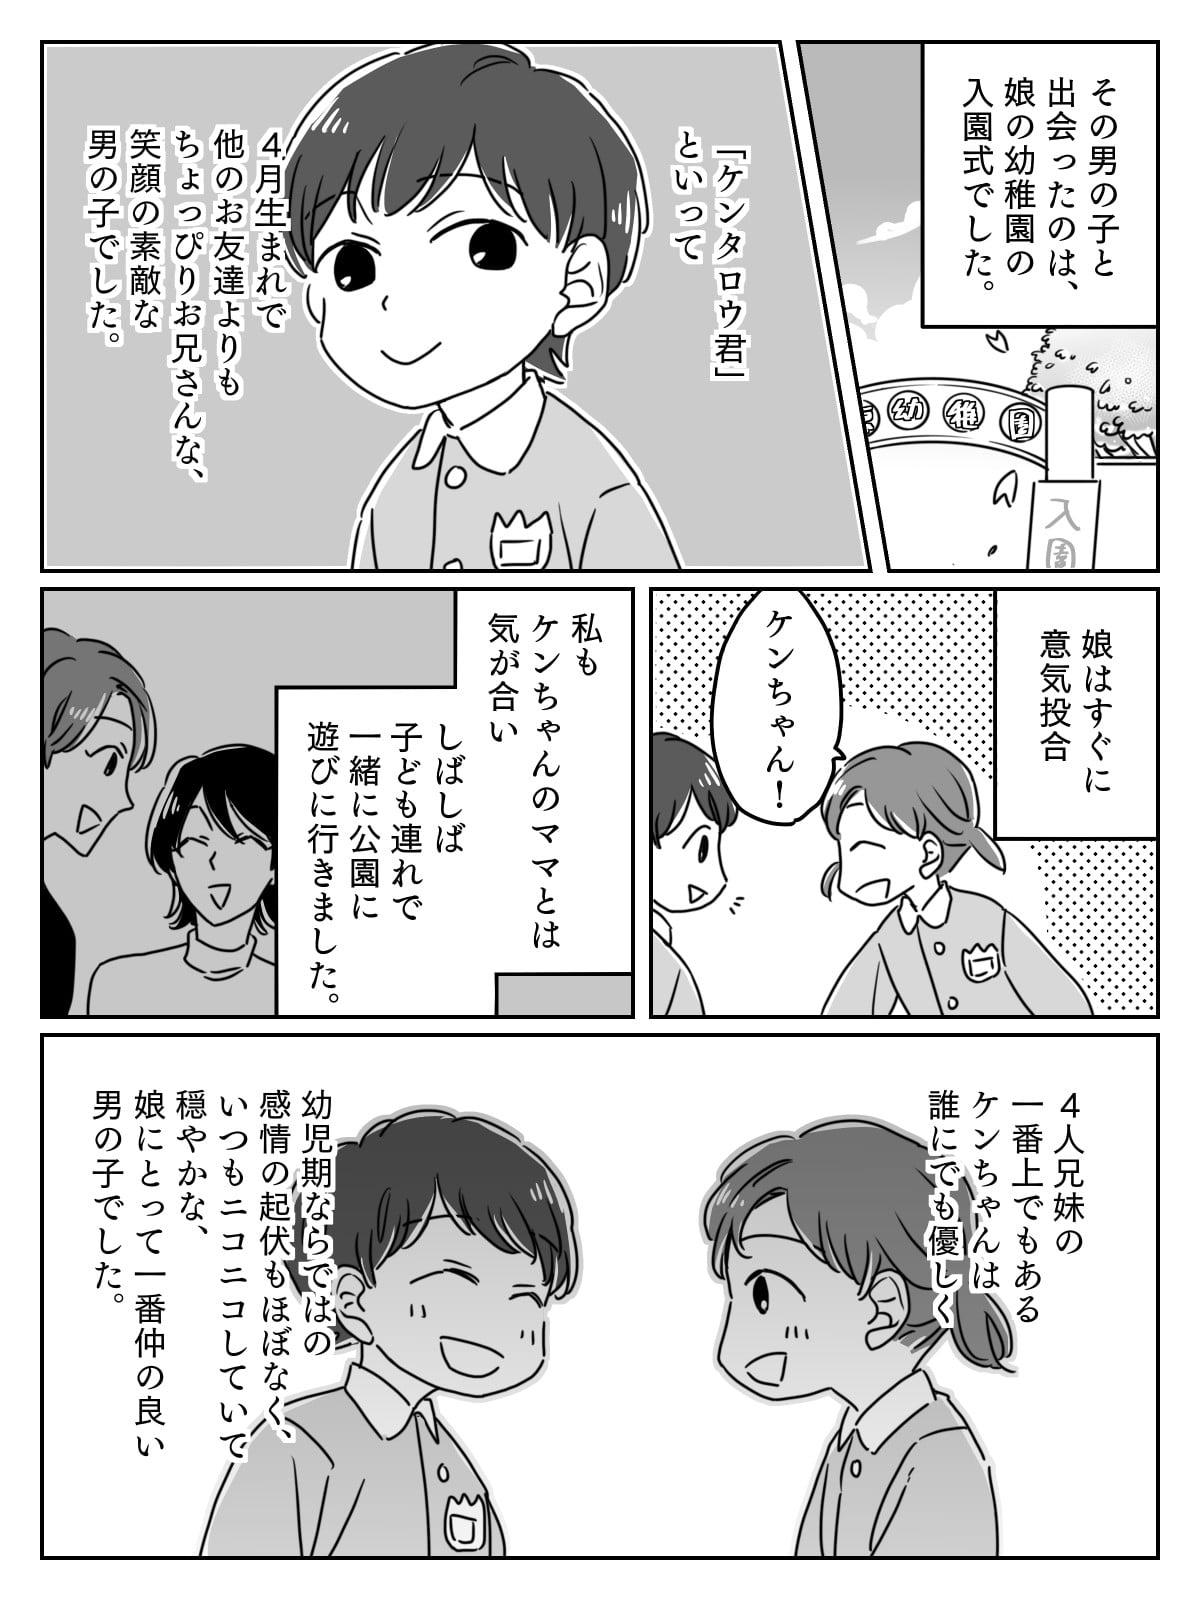 【前編】誰にも言えない。笑顔のかわいい子どもが、学校に行けなくなってしまった特殊な理由とは…